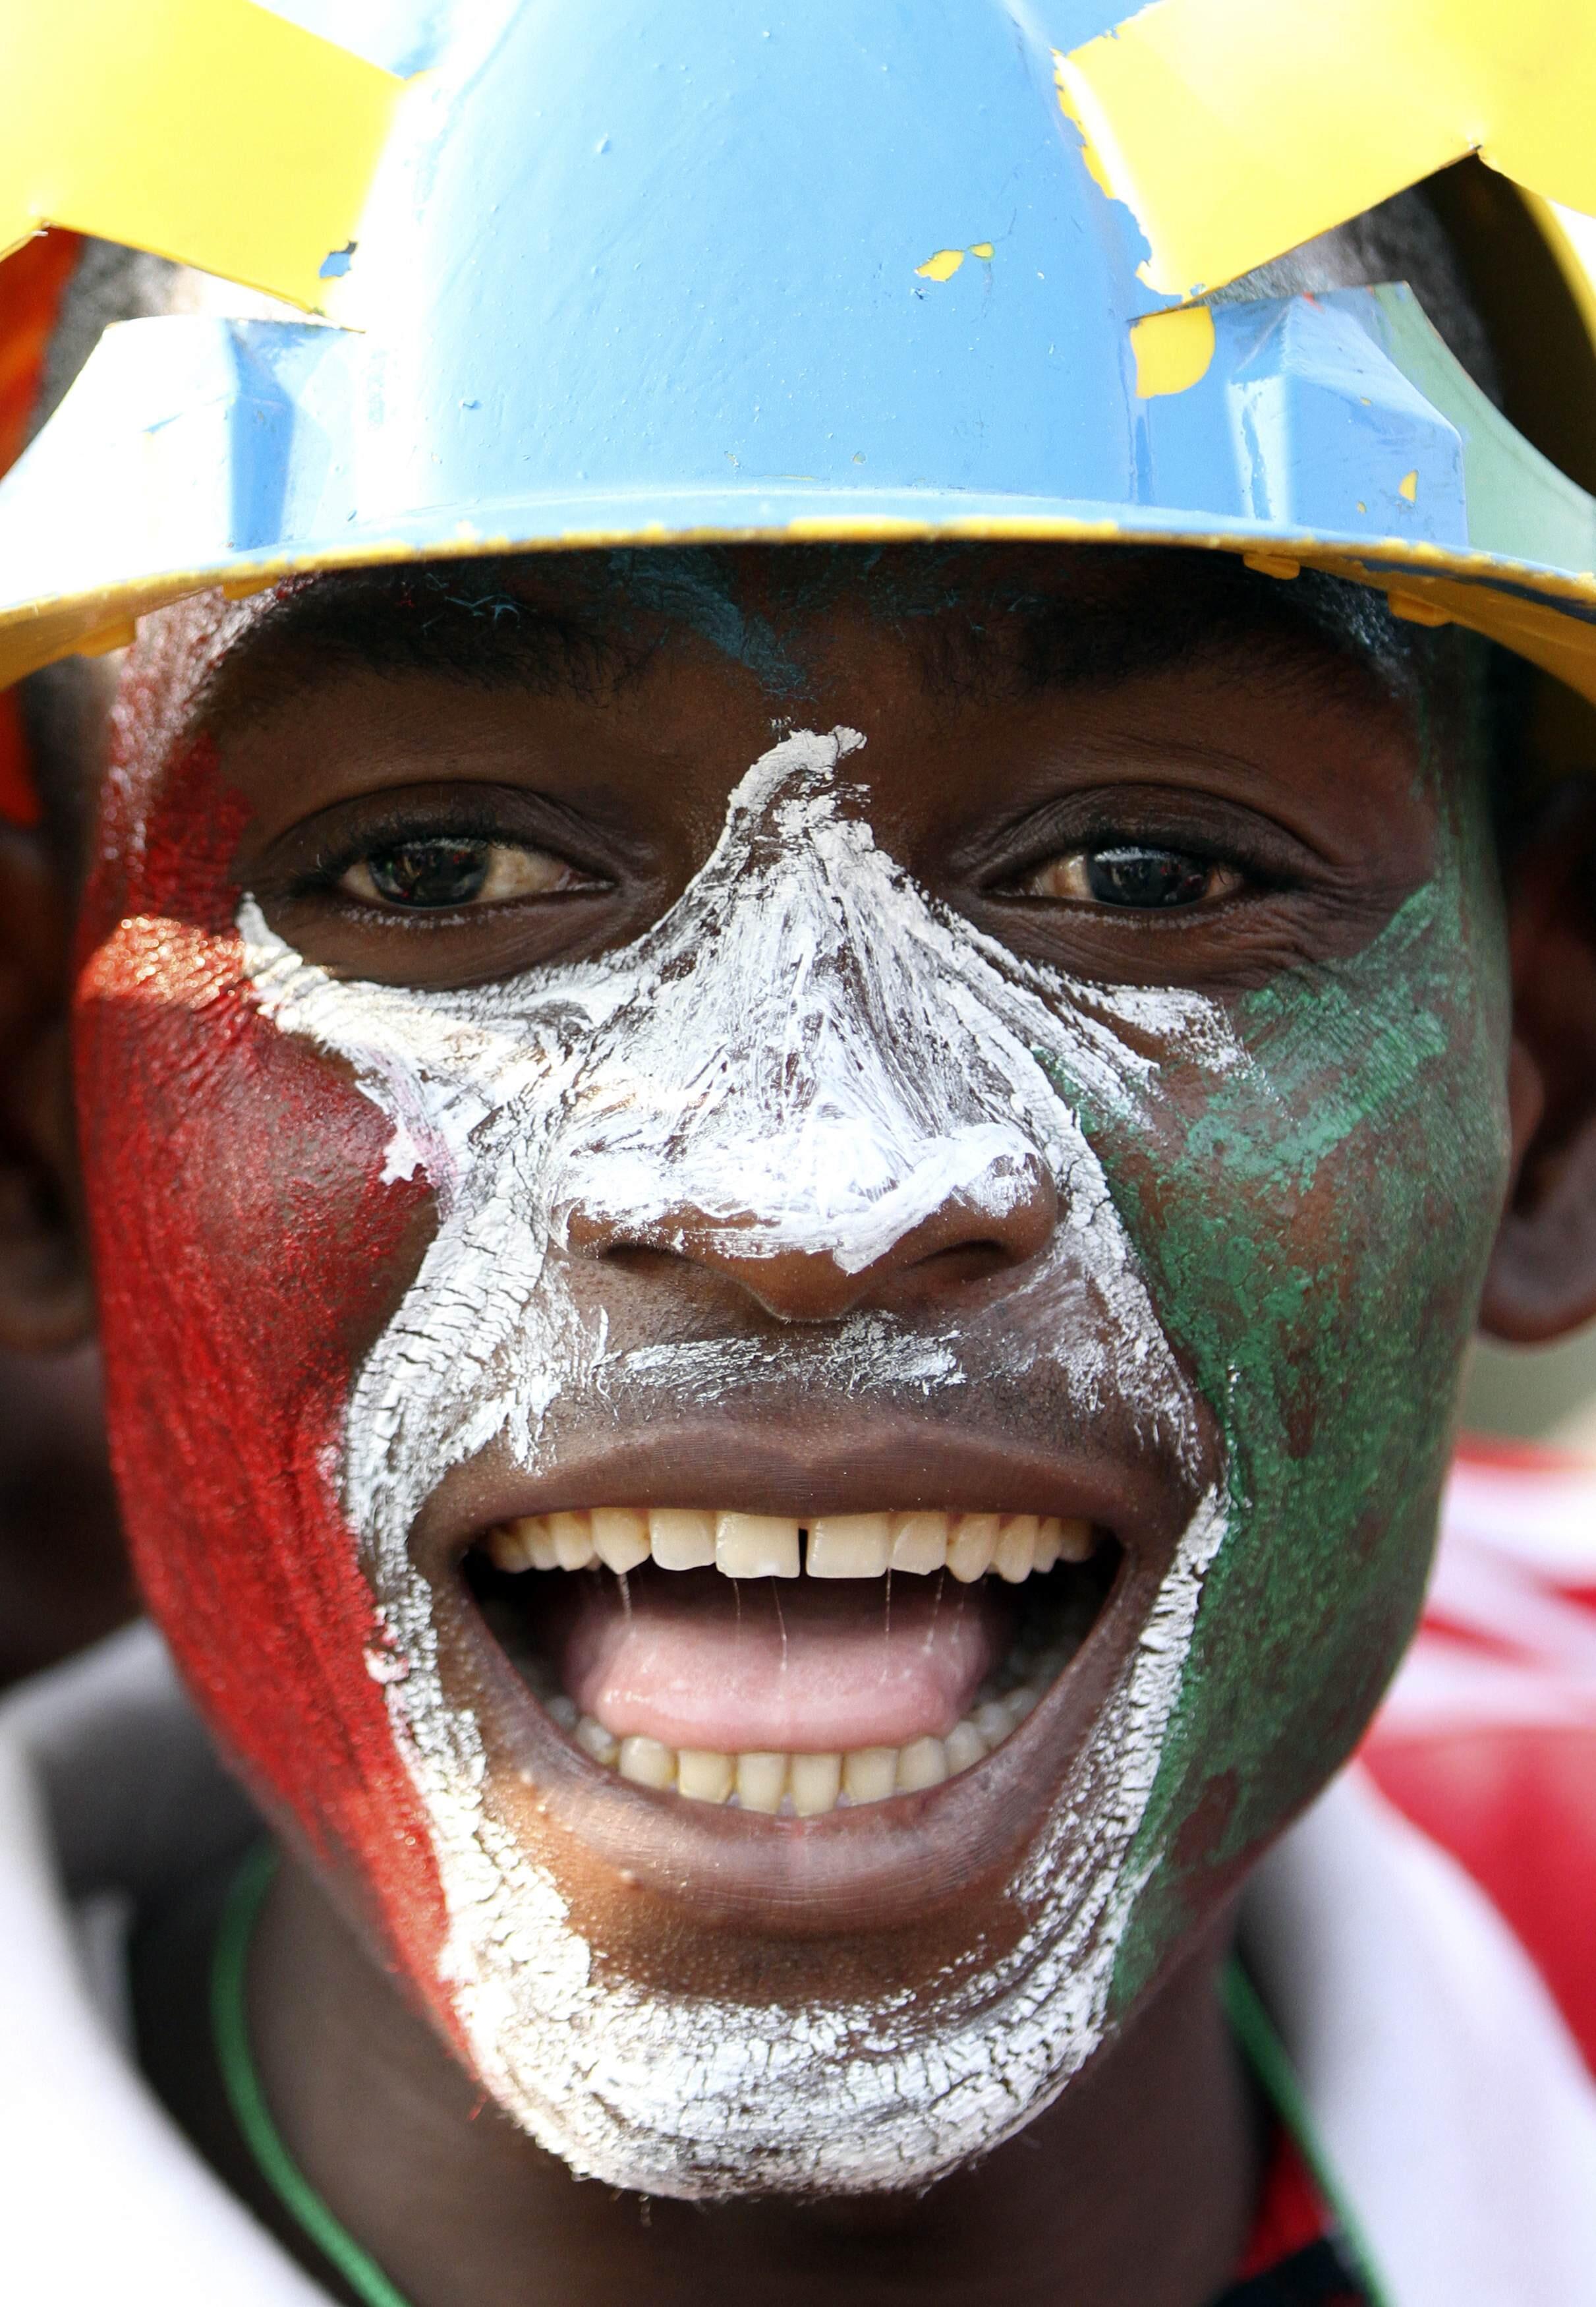 Les supporters de la Guinée équatoriale vont encore se faire entendre dans le stade.